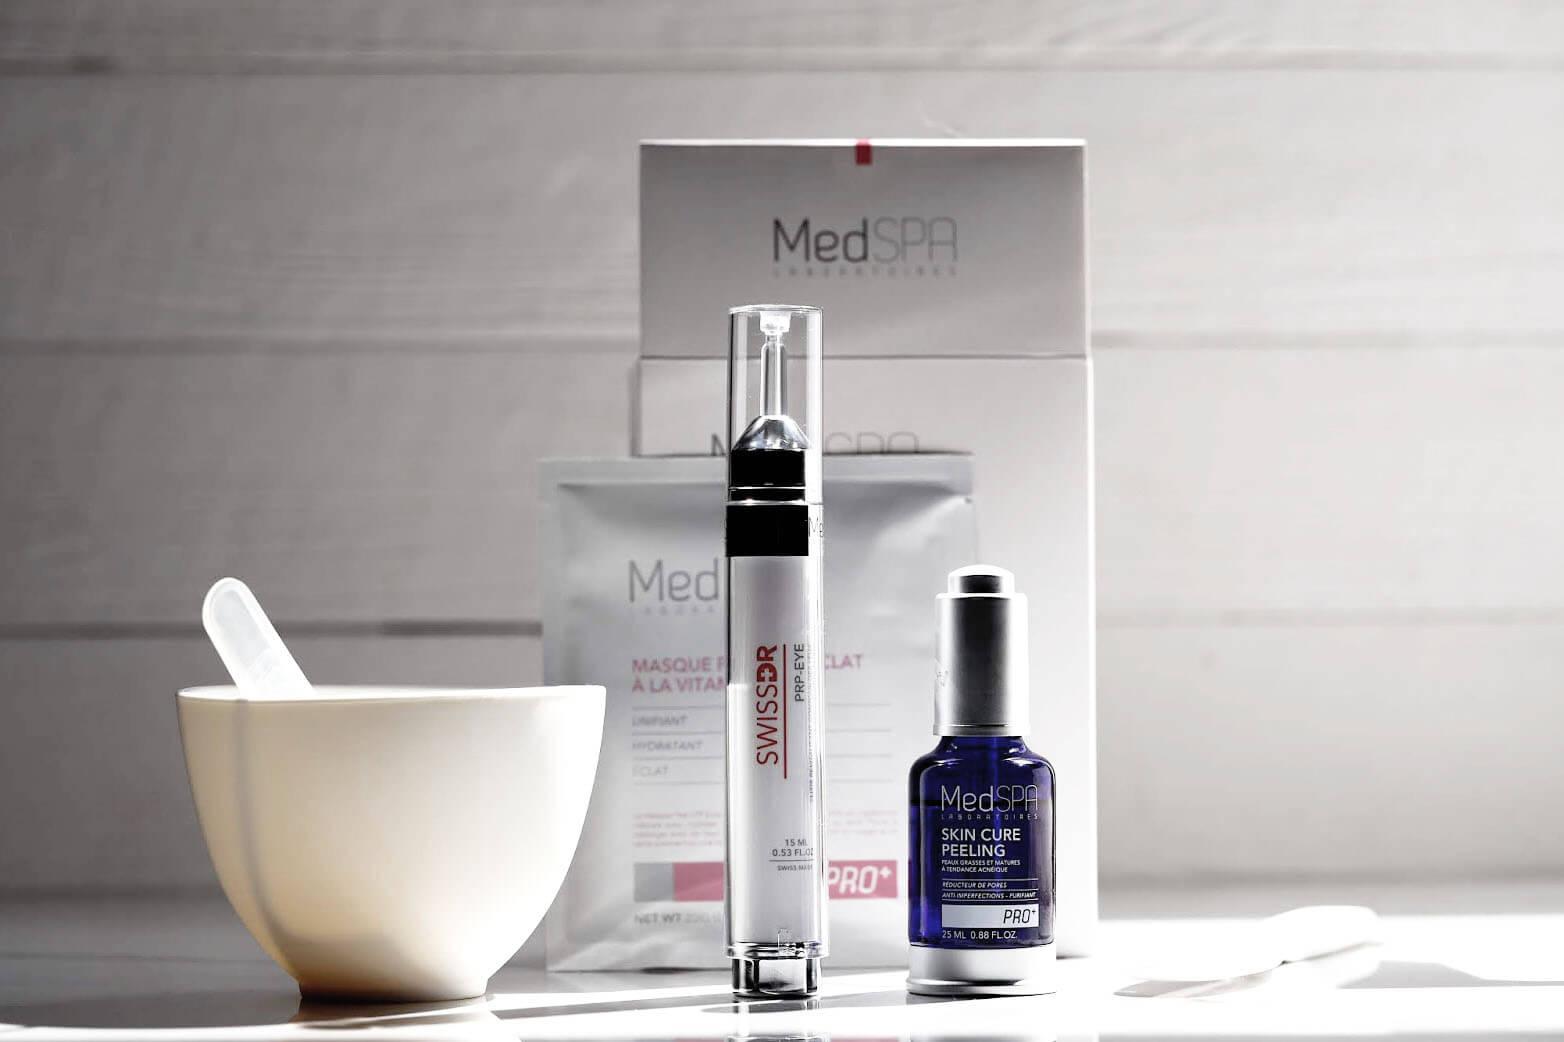 MedSpa Soins Visage ingredients avis